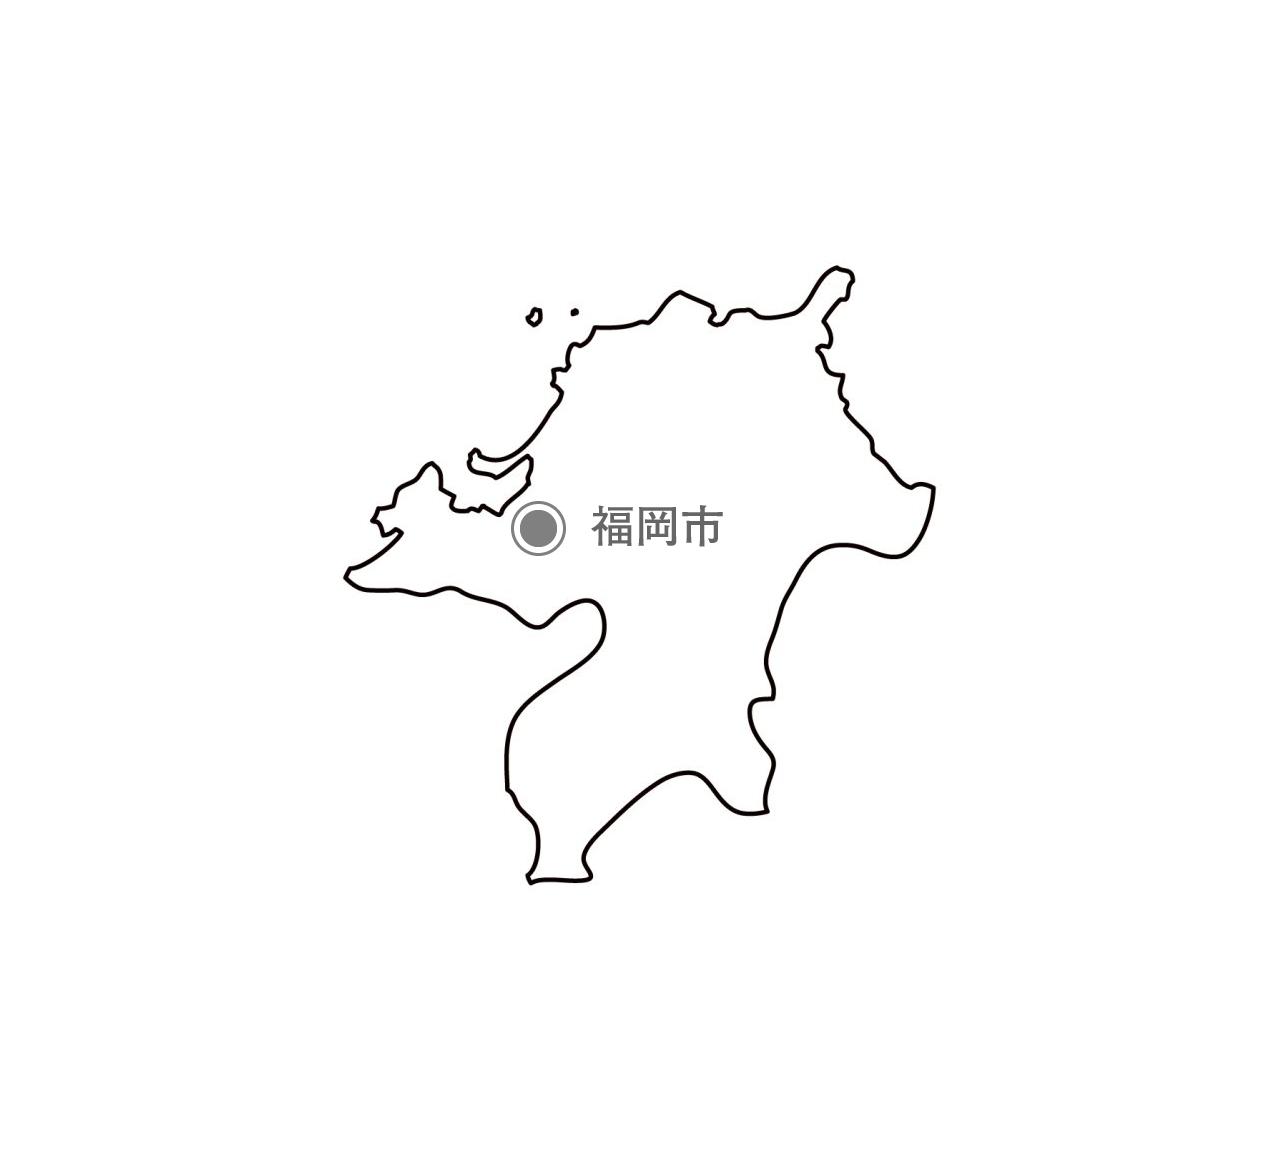 [白地図]福岡県・都道府県名・県庁所在地あり